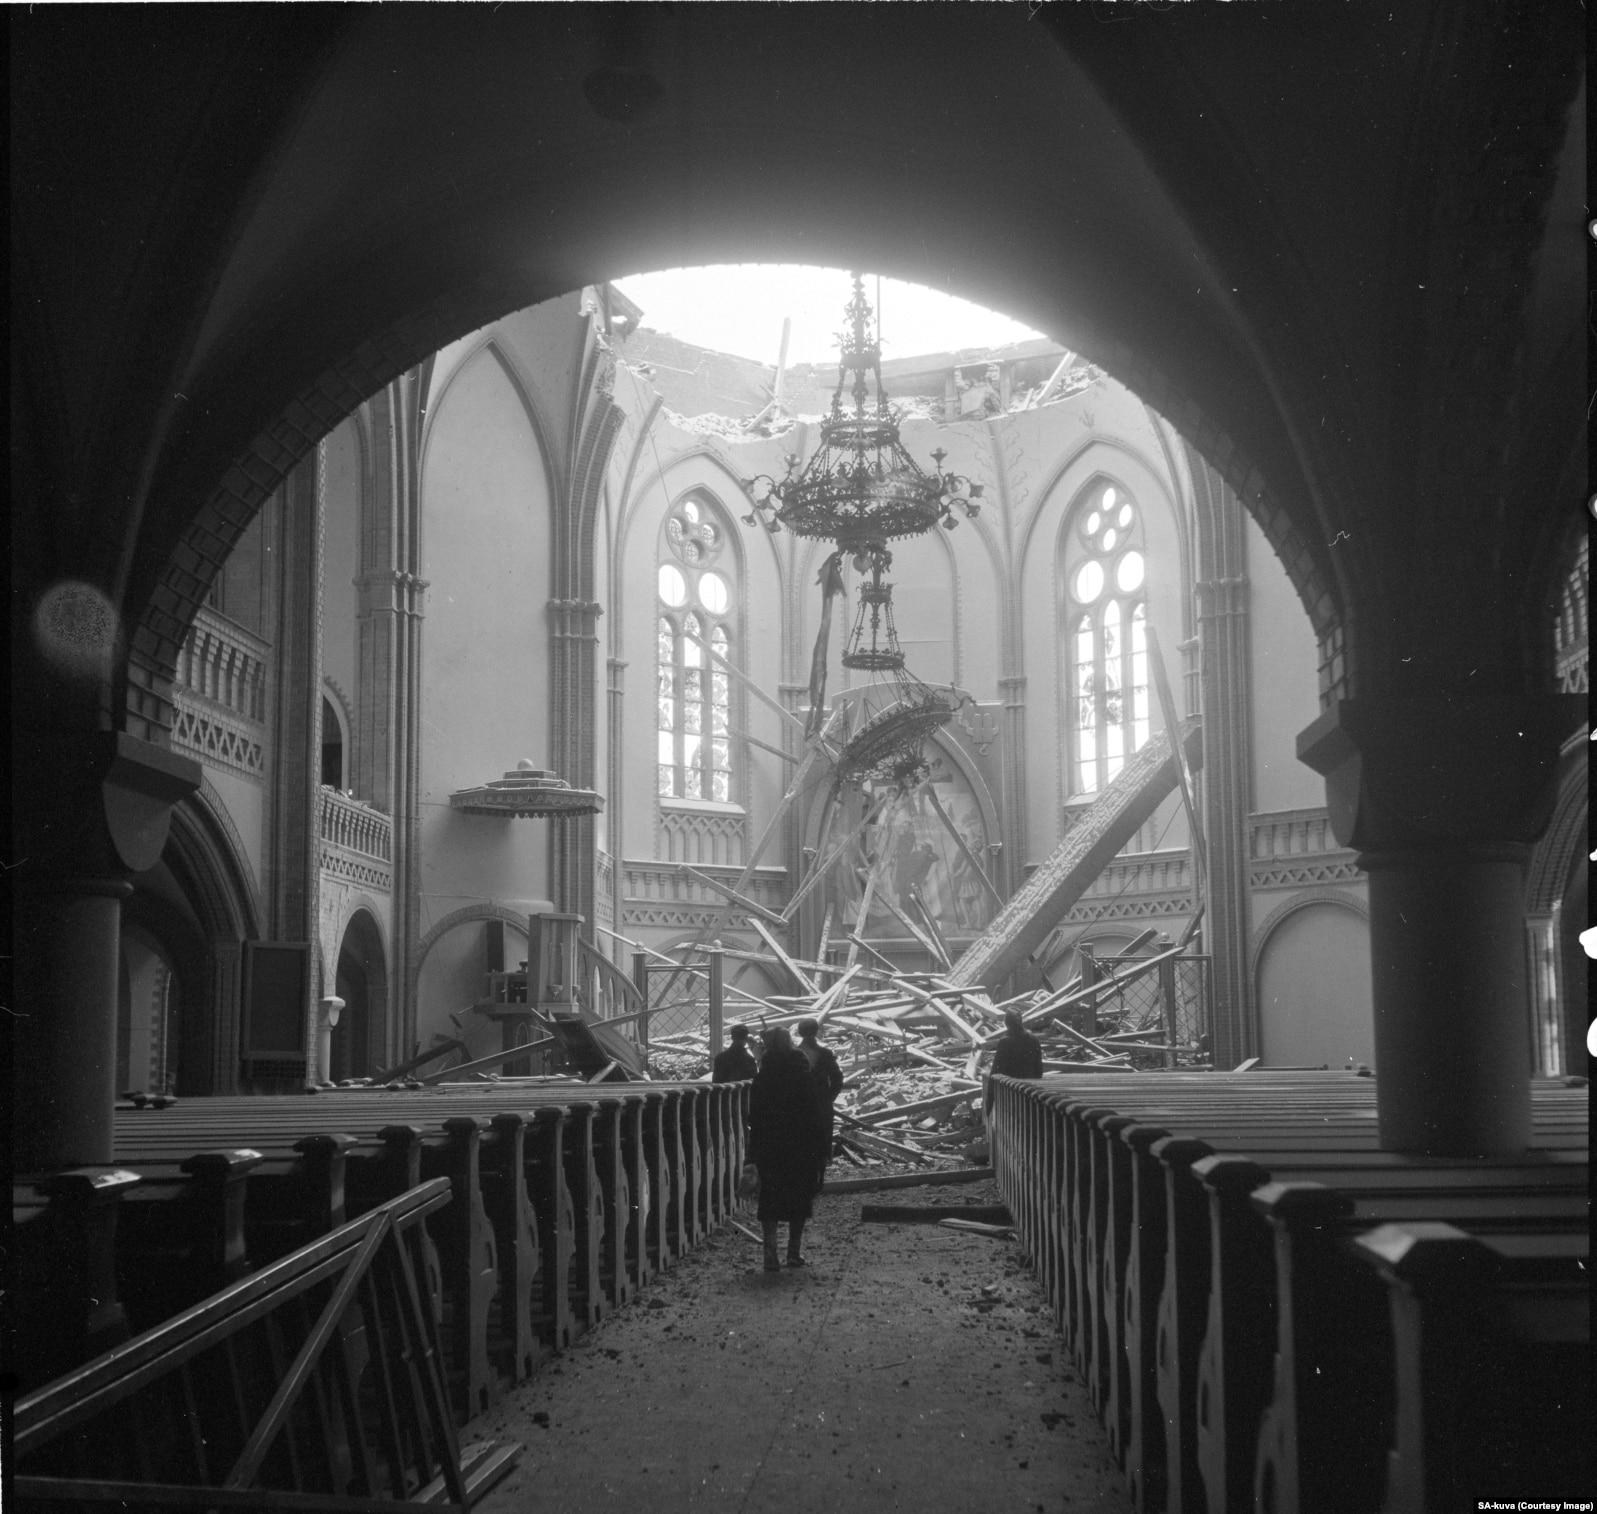 Кафедральний собор у місті Віїпурі (після радянської окупації - Виборг), що лежить між СРСР та Гельсінкі, зруйнований під час радянського повітряного нападу